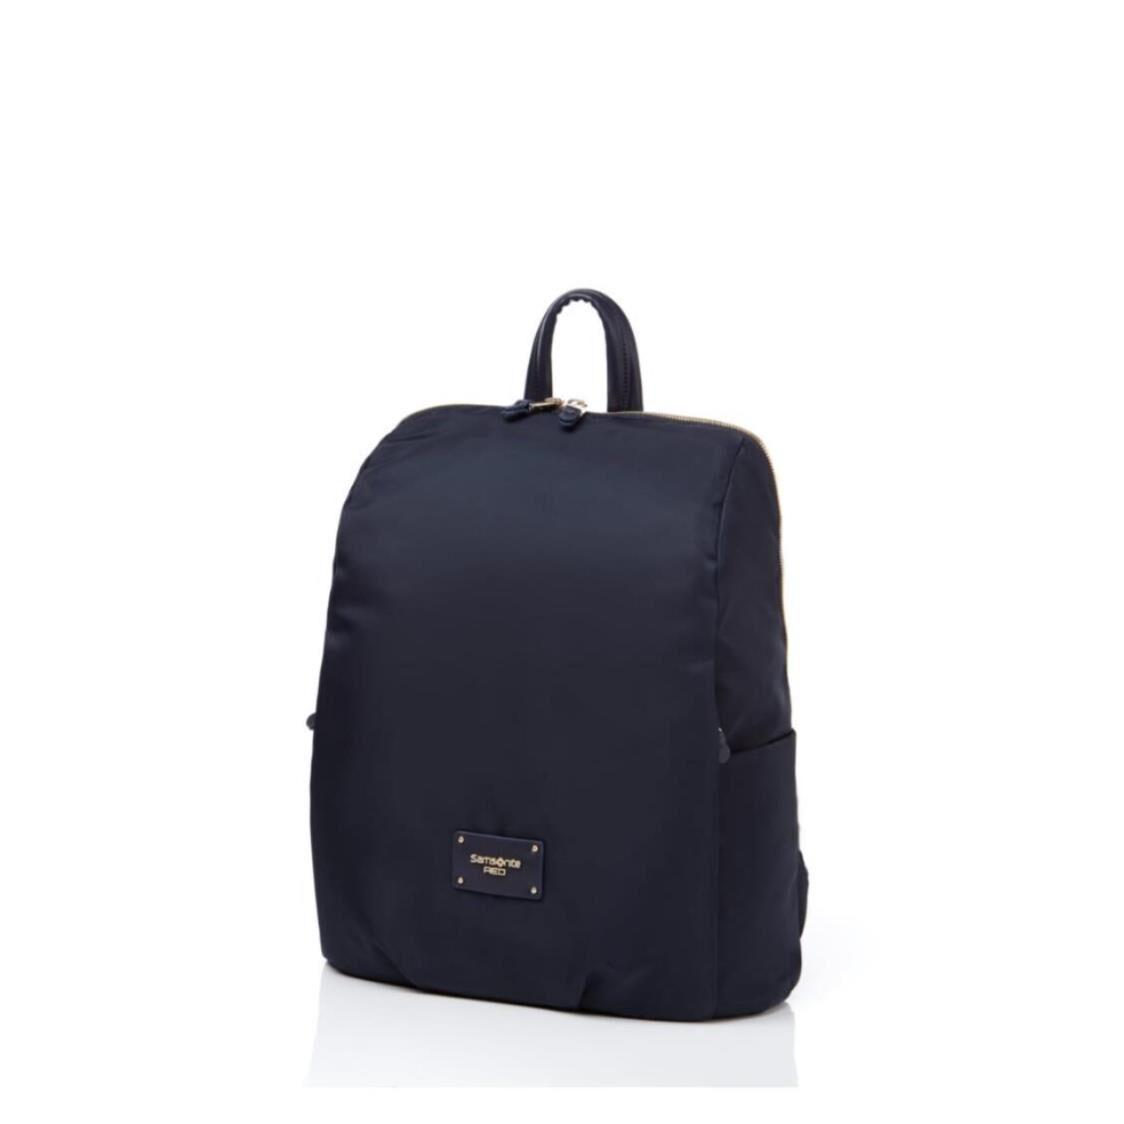 Samsonite Red Clodi Backpack AL041001